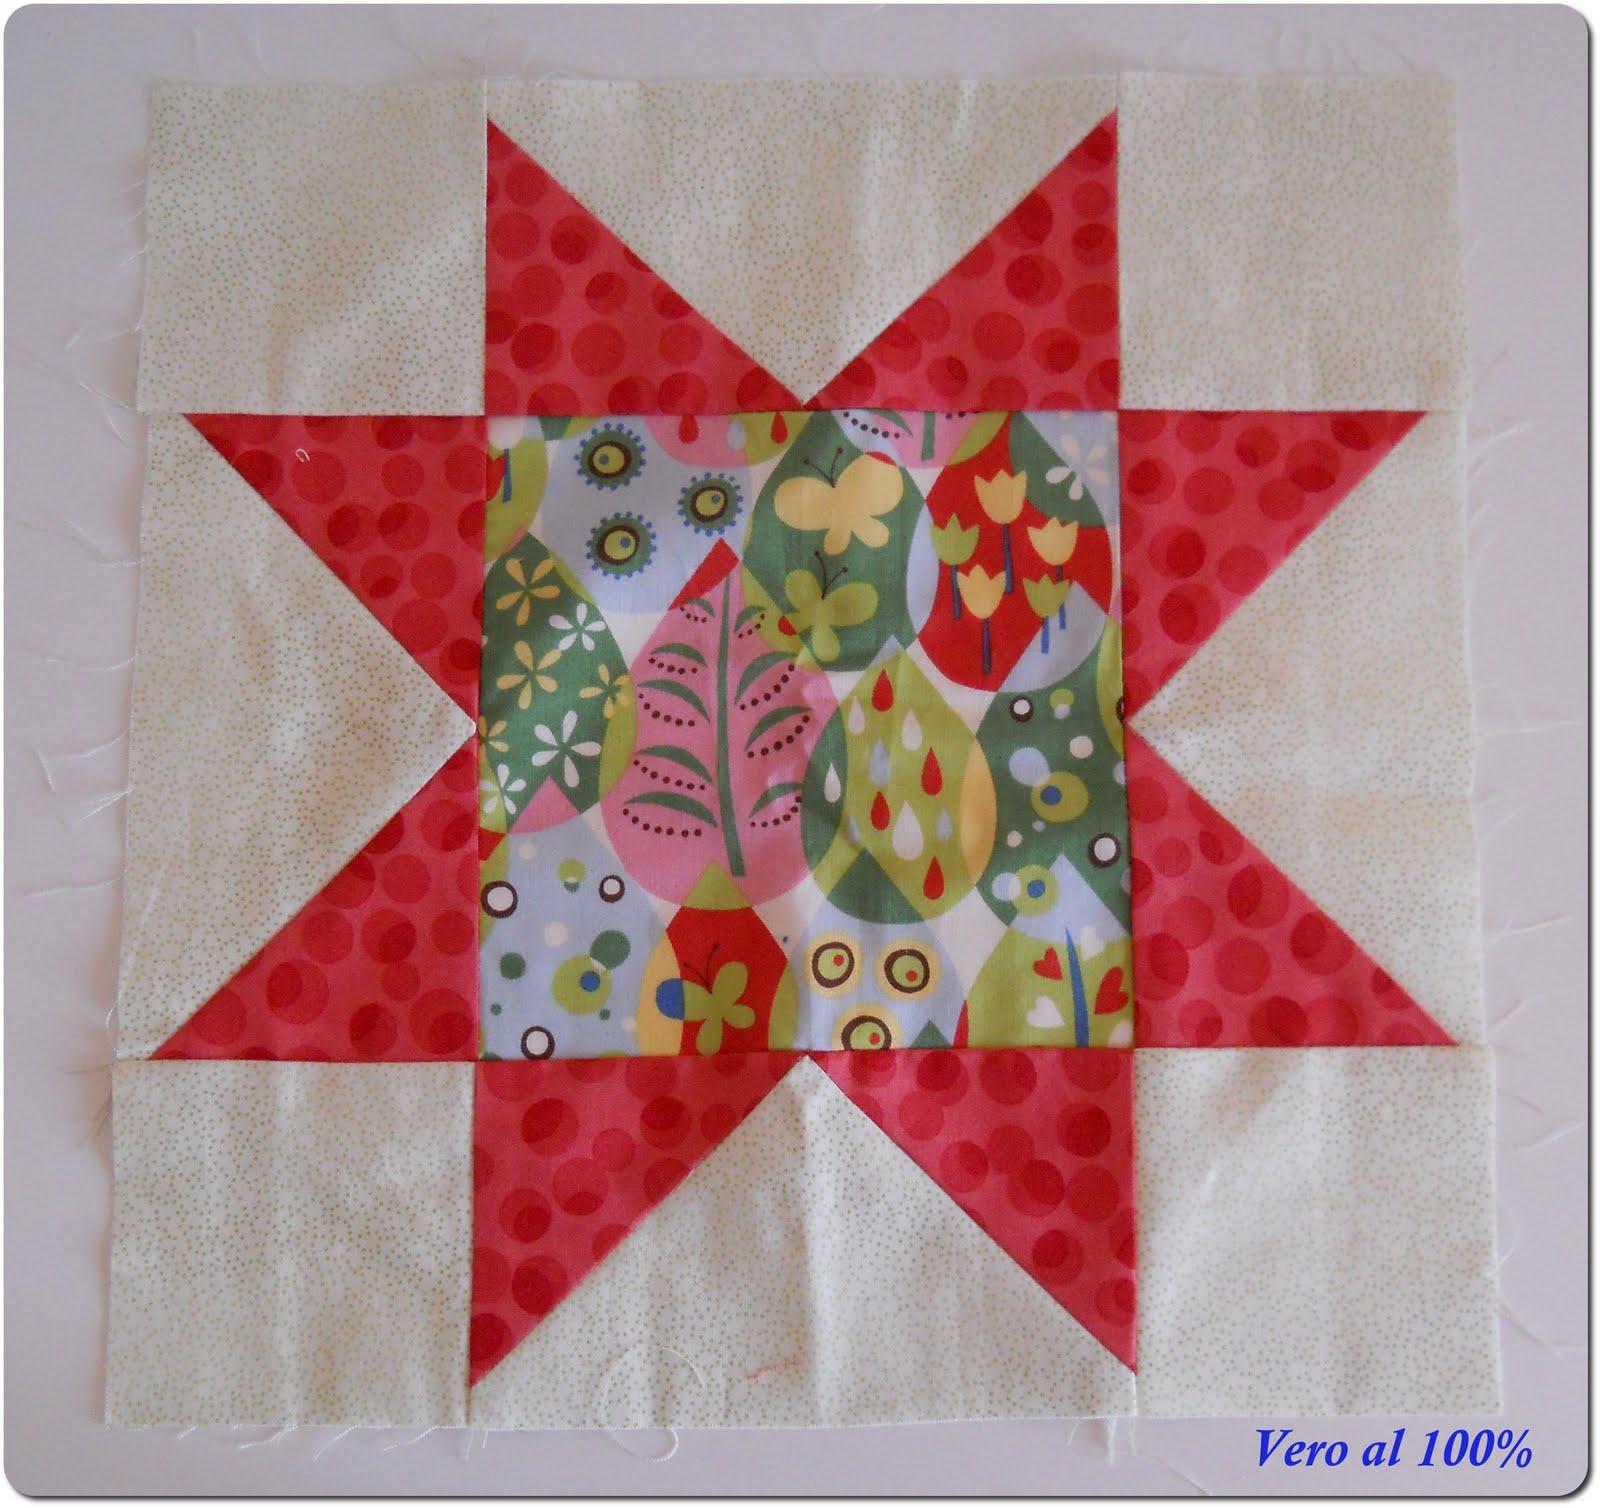 Vero al 100 corso di patchwork 1 livello nuove piastrelle for Piastrelle patchwork